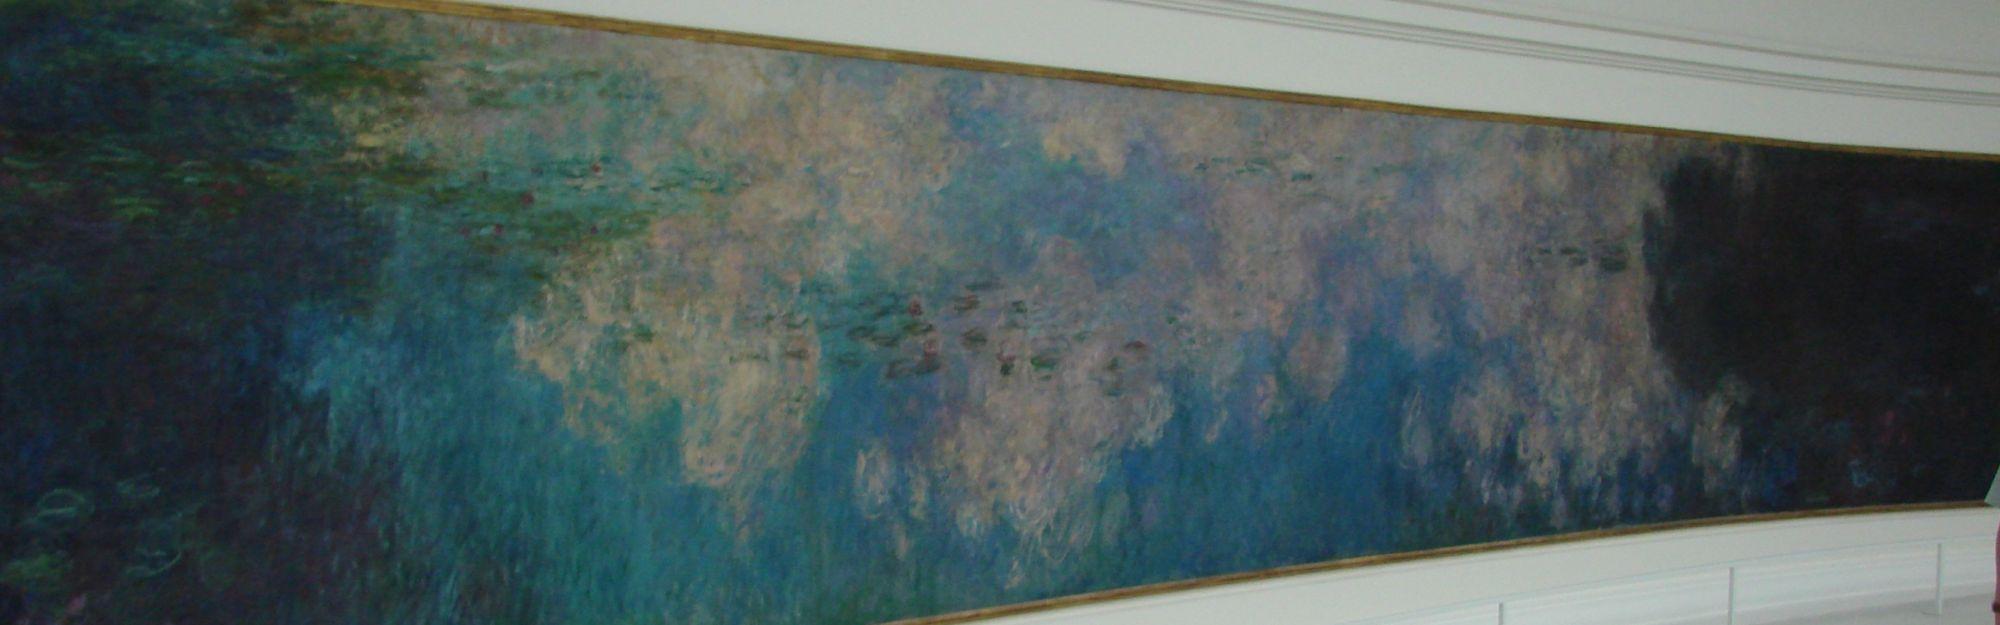 Wie erkenne ich ein impressionistisches Gemälde?